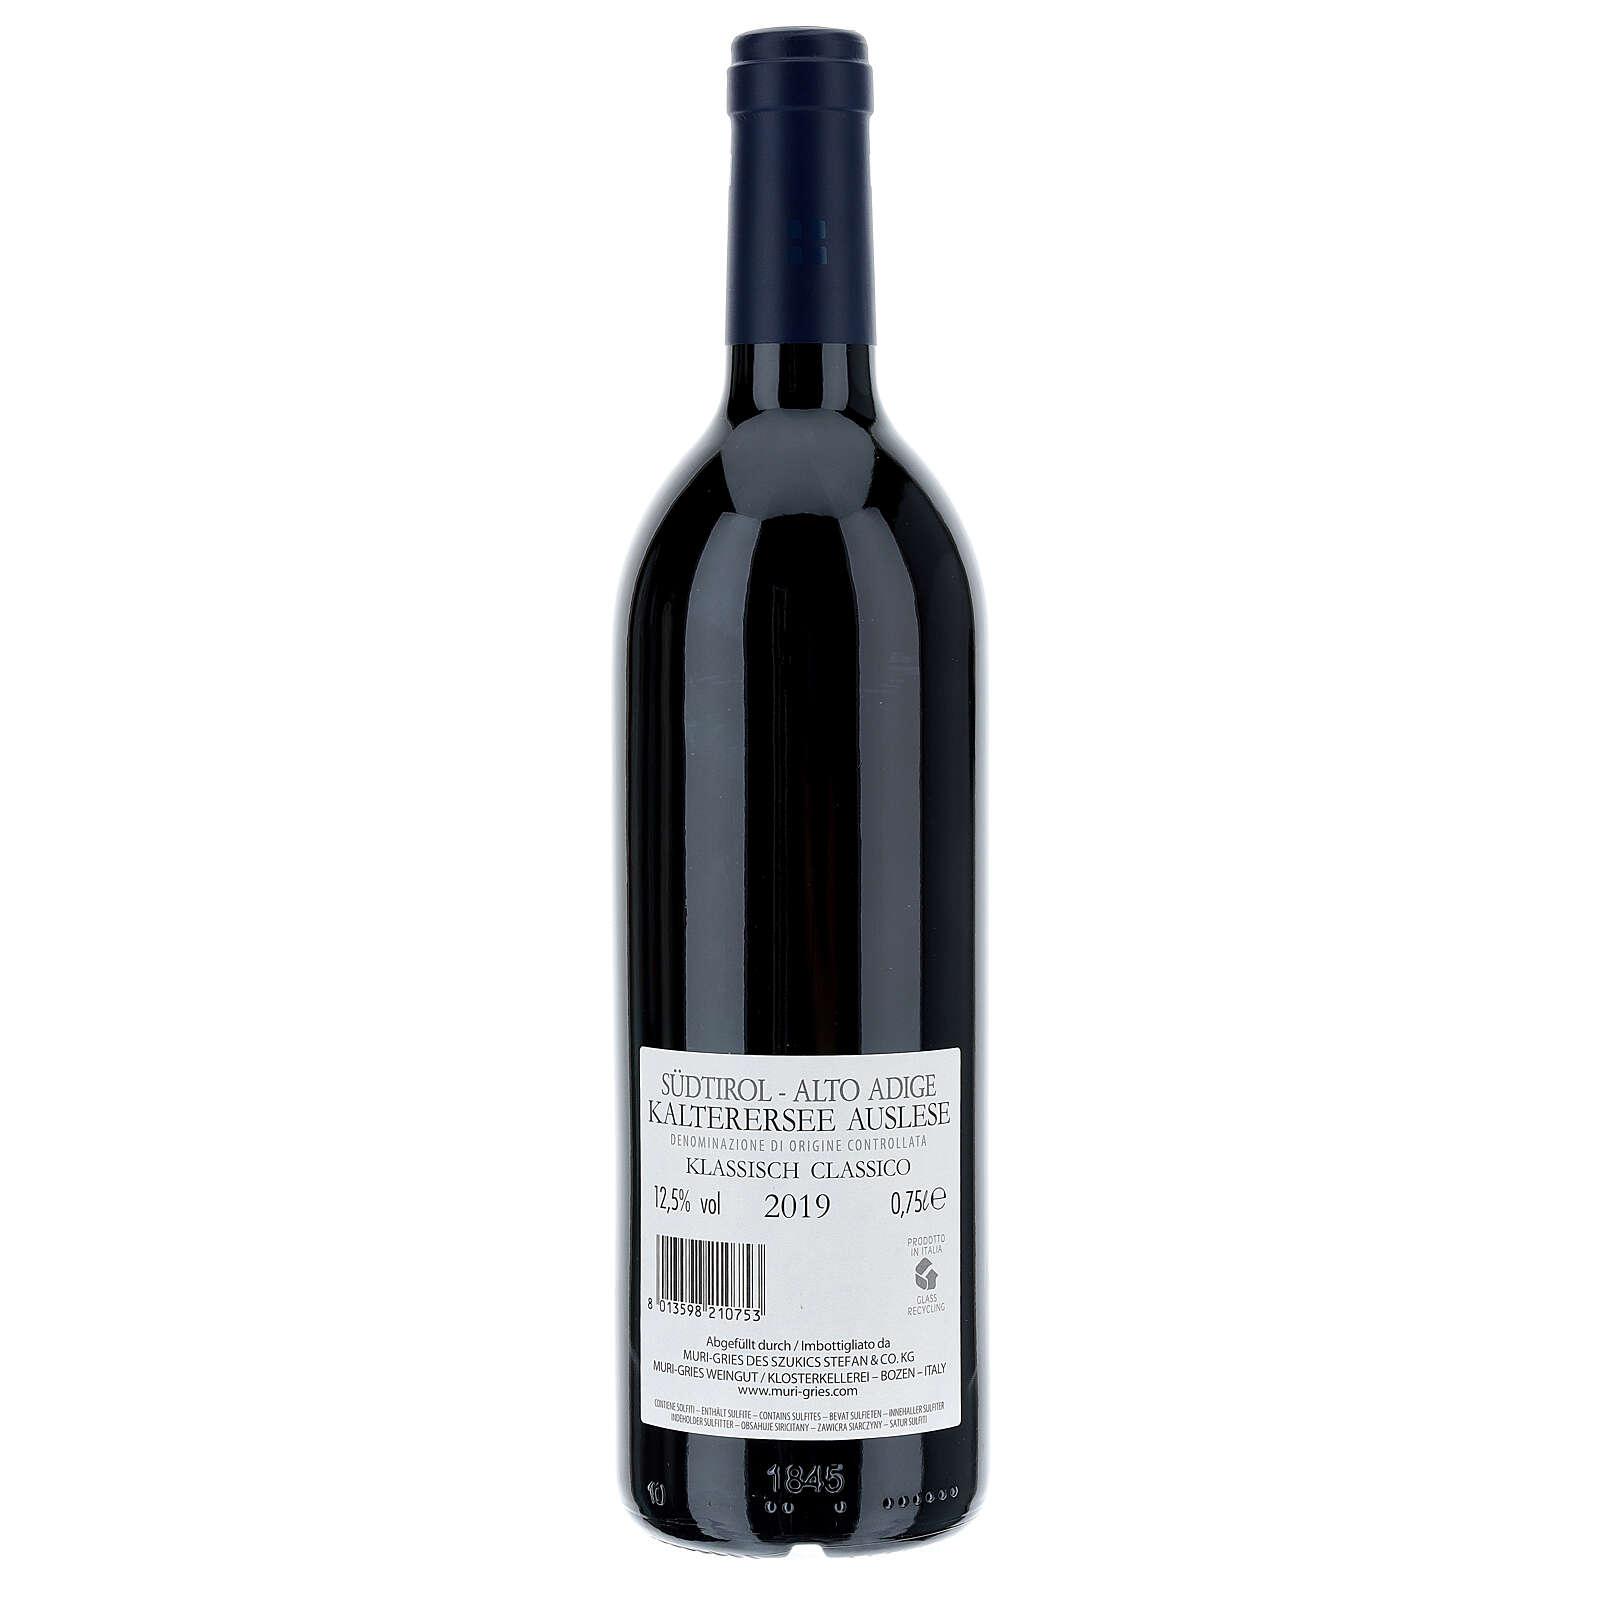 Vin Lago di Caldaro DOC 2019 Abbaye Muri Gries 3